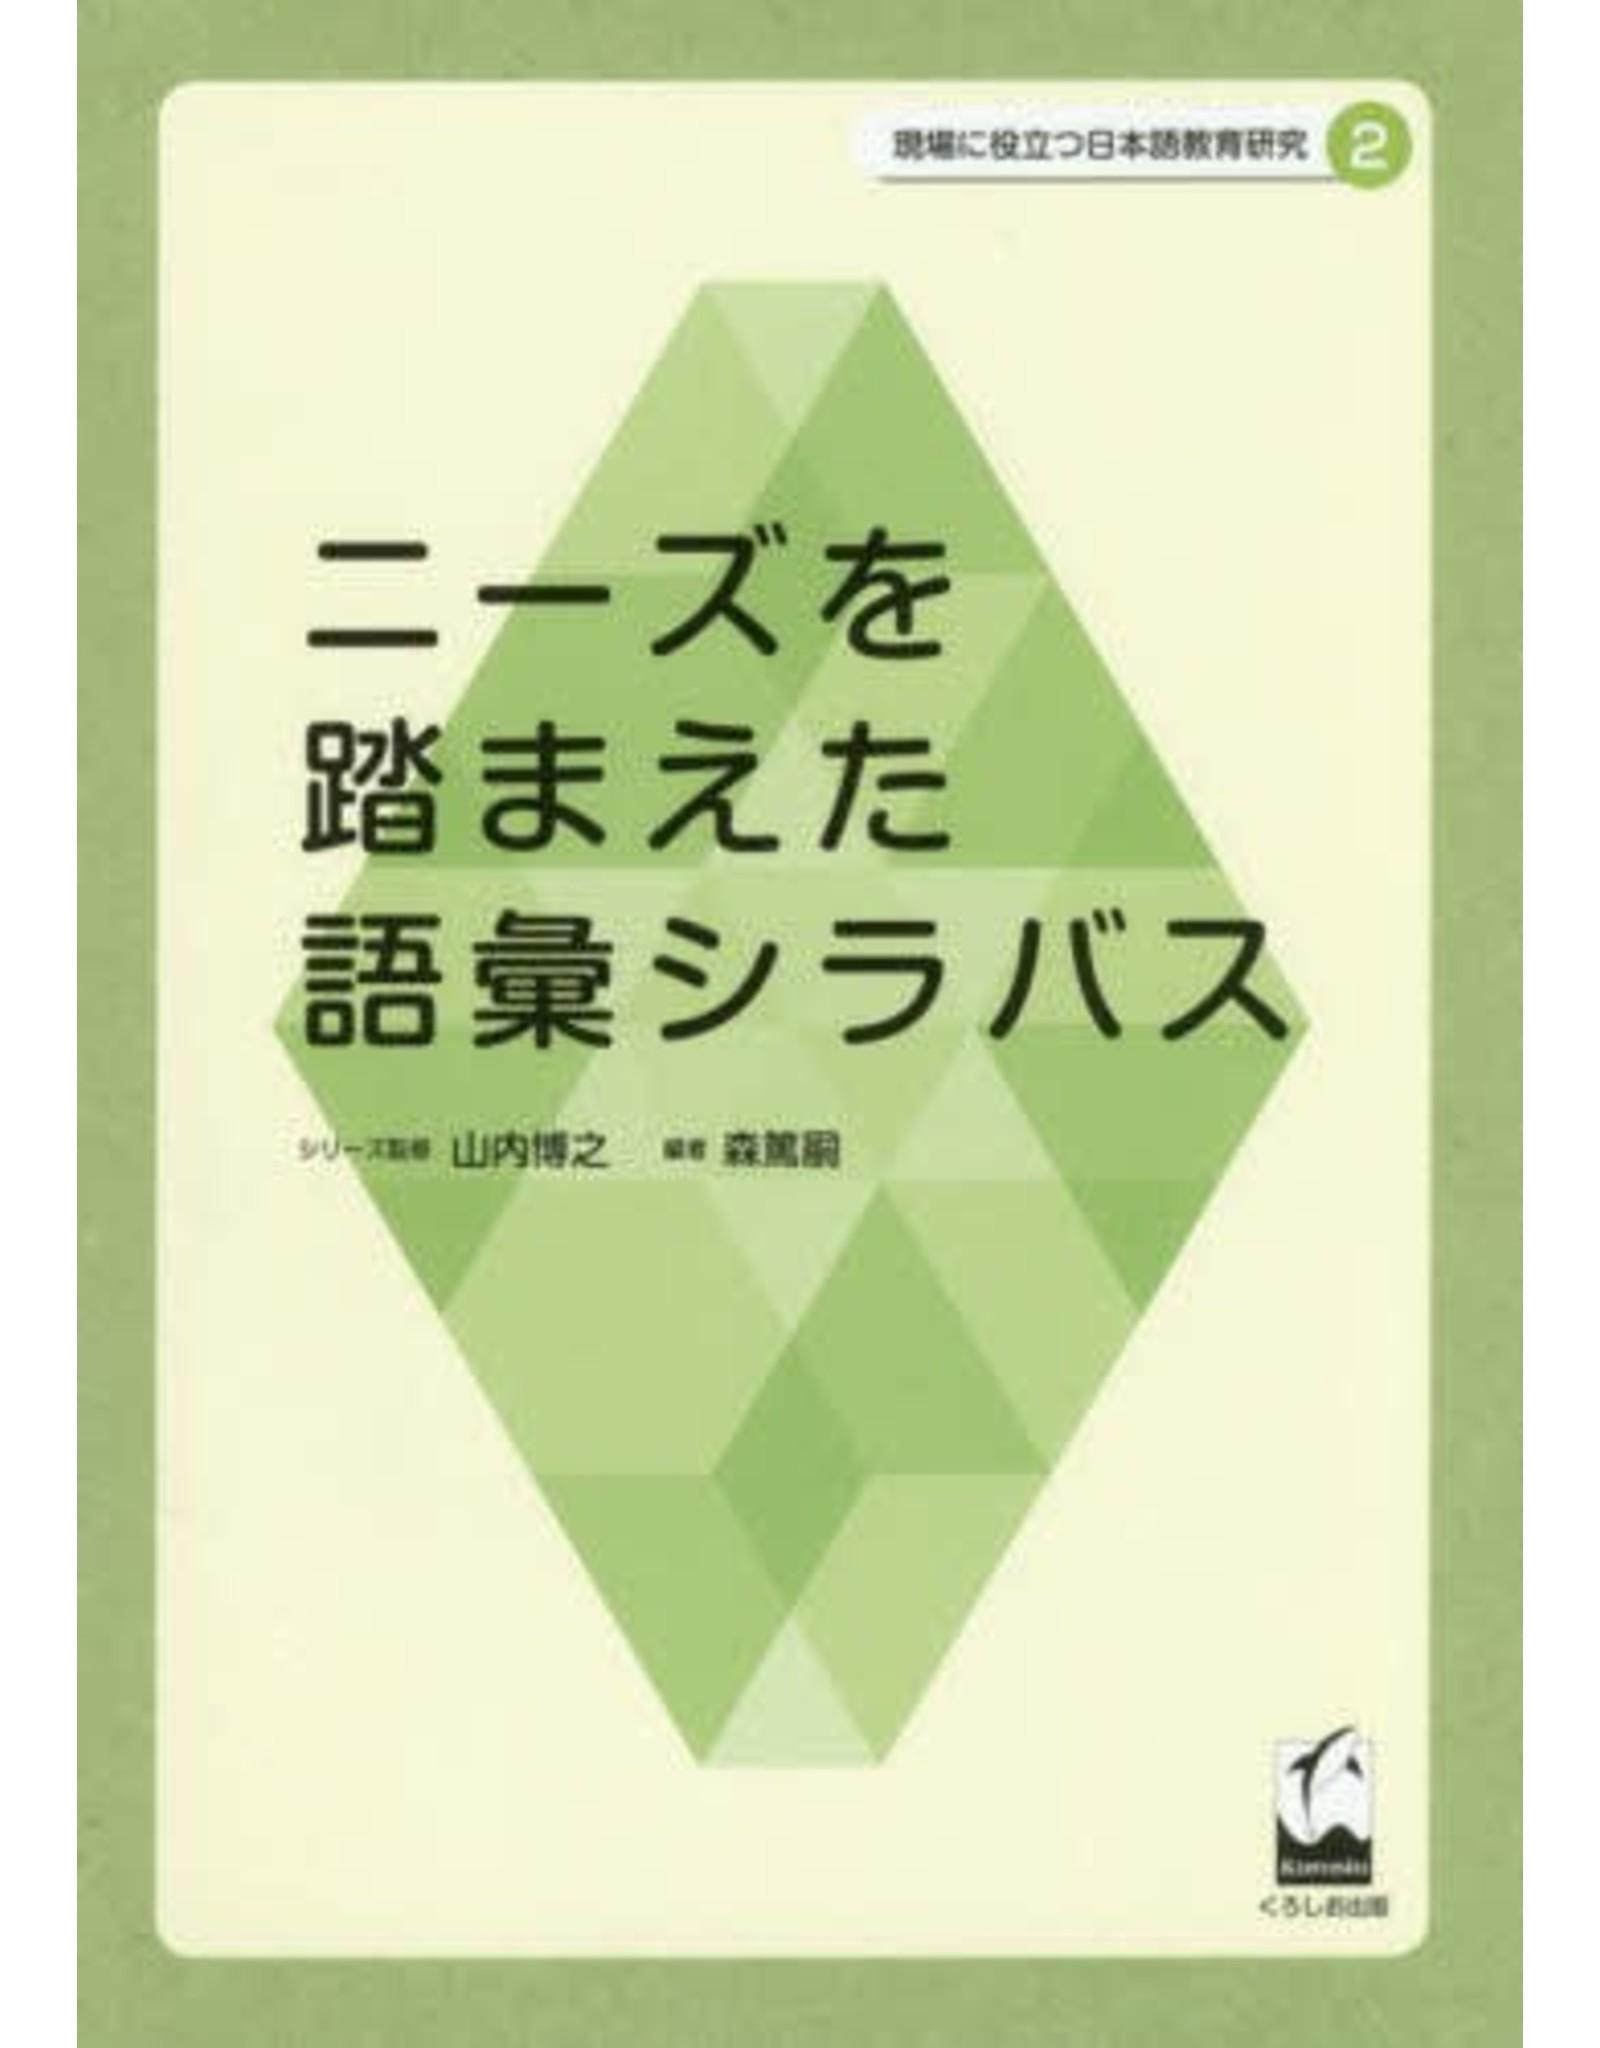 KUROSHIO GENBA NI YAKUDATSU NIHONGO KYOIKU KENKYU 2